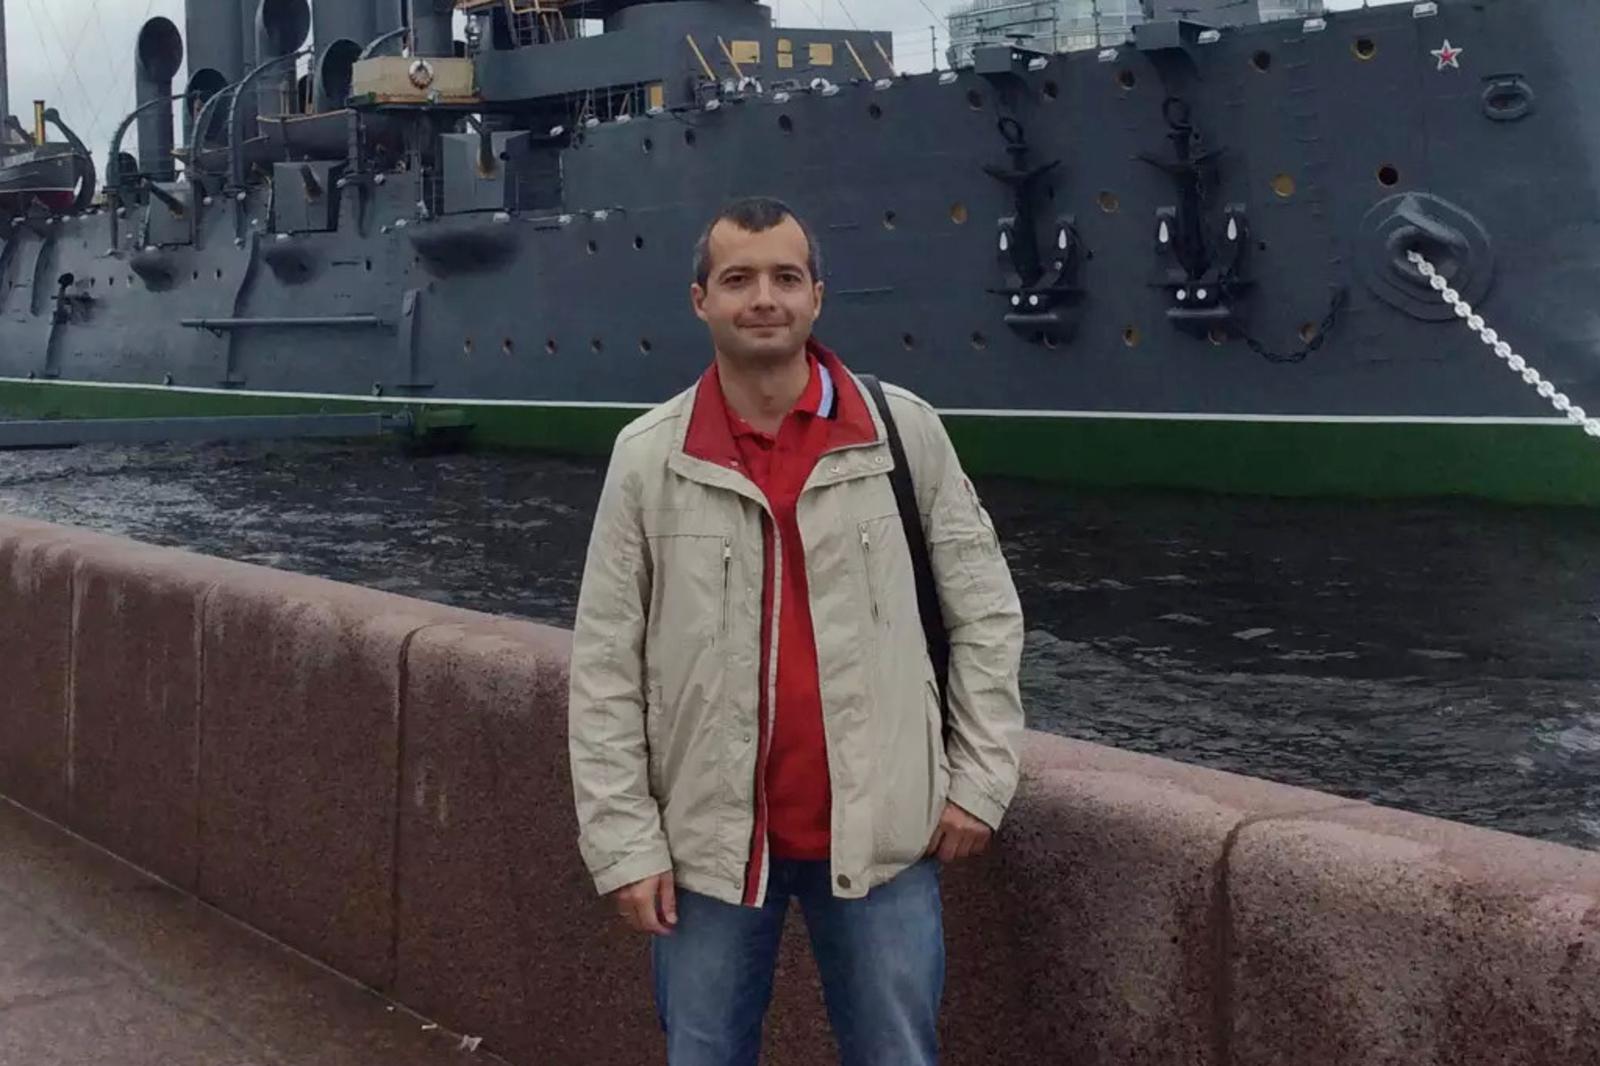 Командир воздушного судна Дамир Юсупов / Личная страница Дамира Юсупова на сайте «Одноклассники»